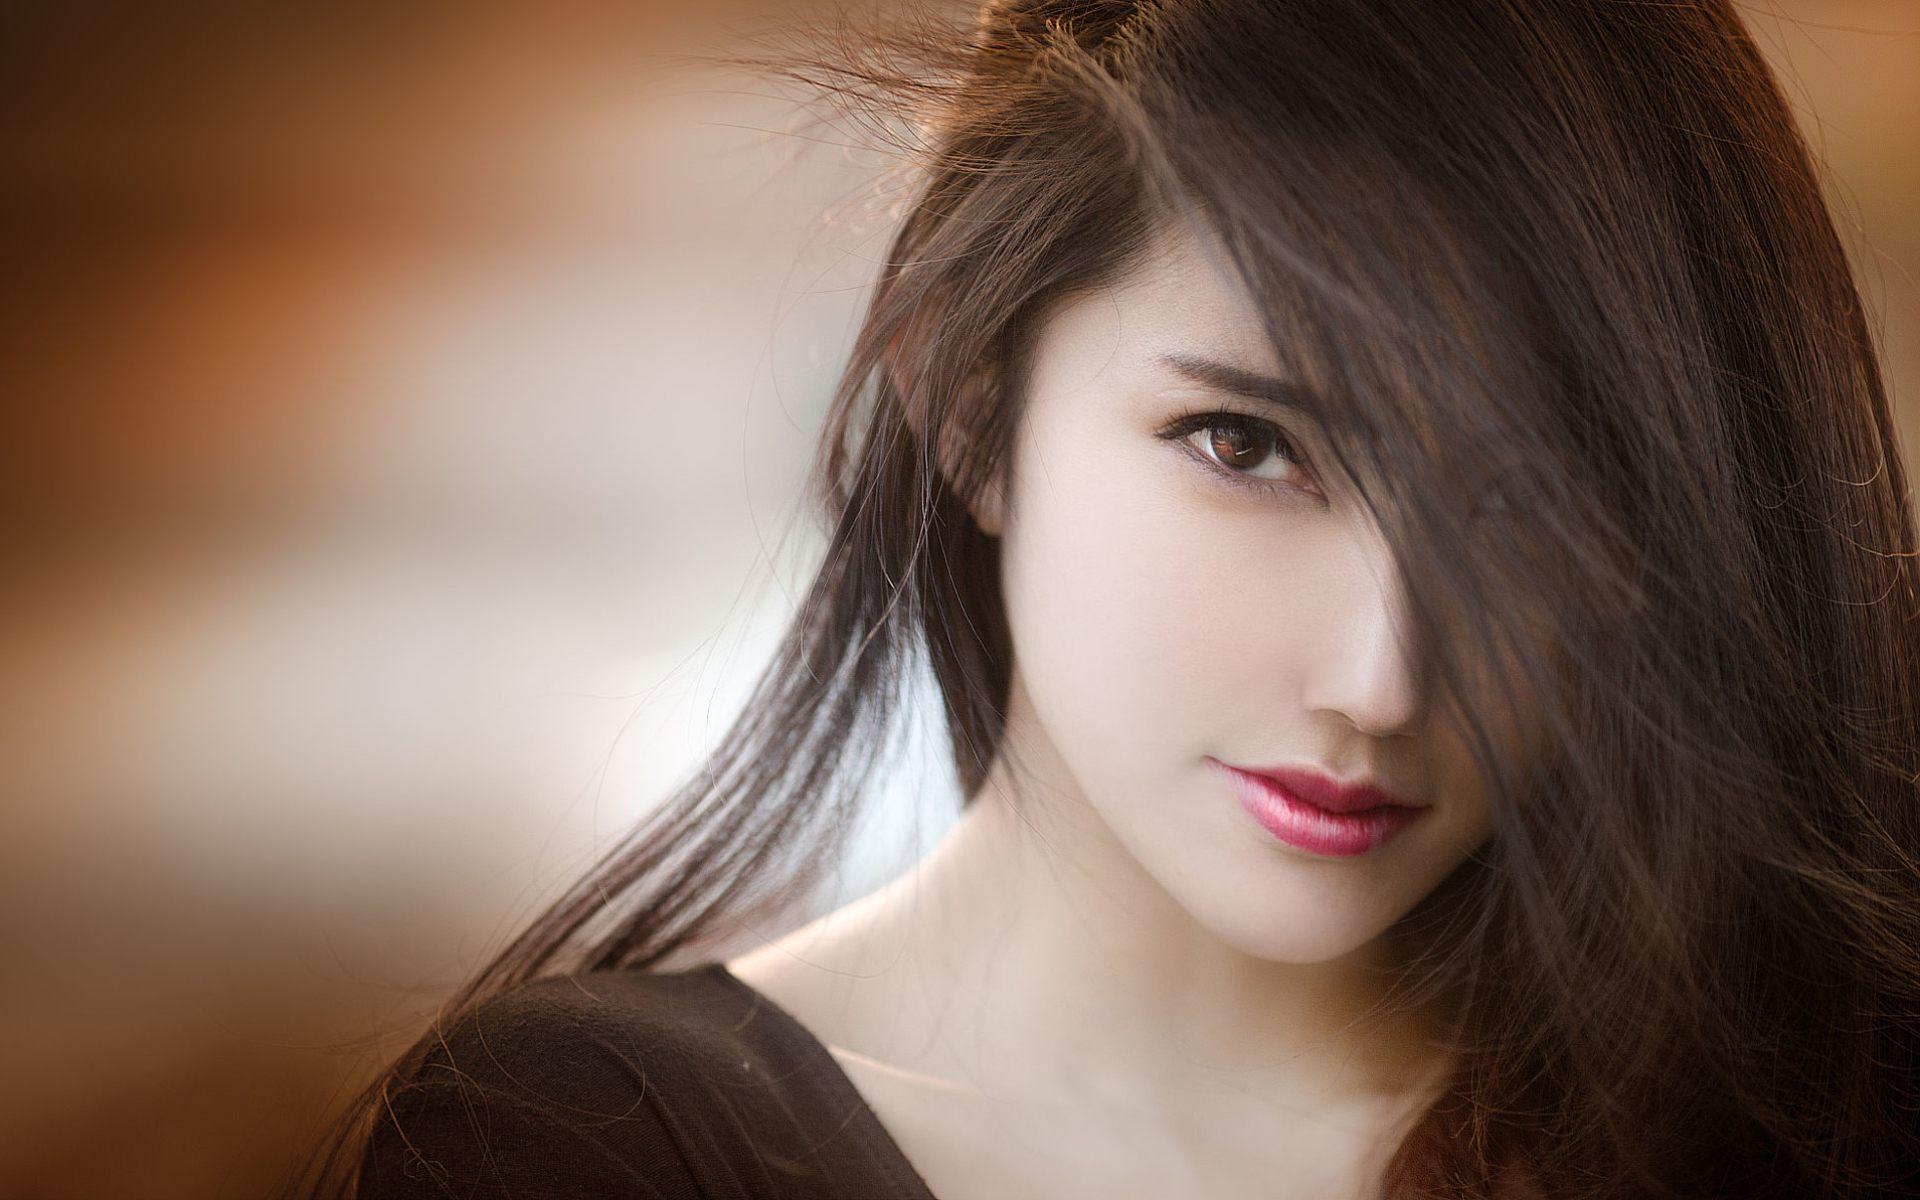 Very Beautiful Girl Wallpaper HD Download For Desktop & Mobile